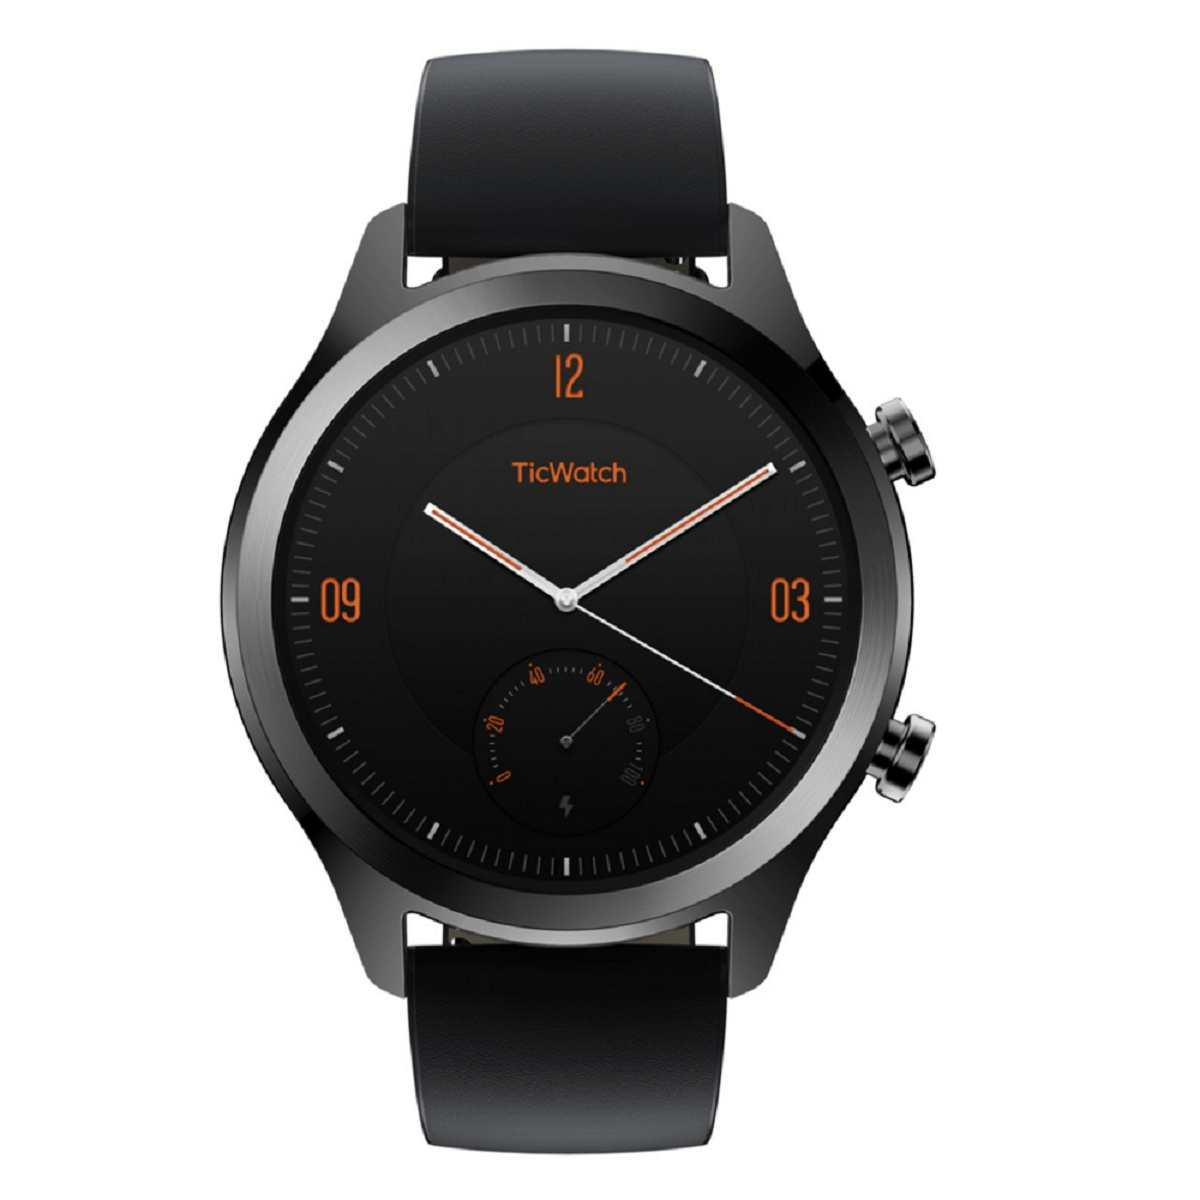 Relógio Smartwatch Mobvoi Ticwatch C2 Pxpx Com GPS integrado Couro Preto